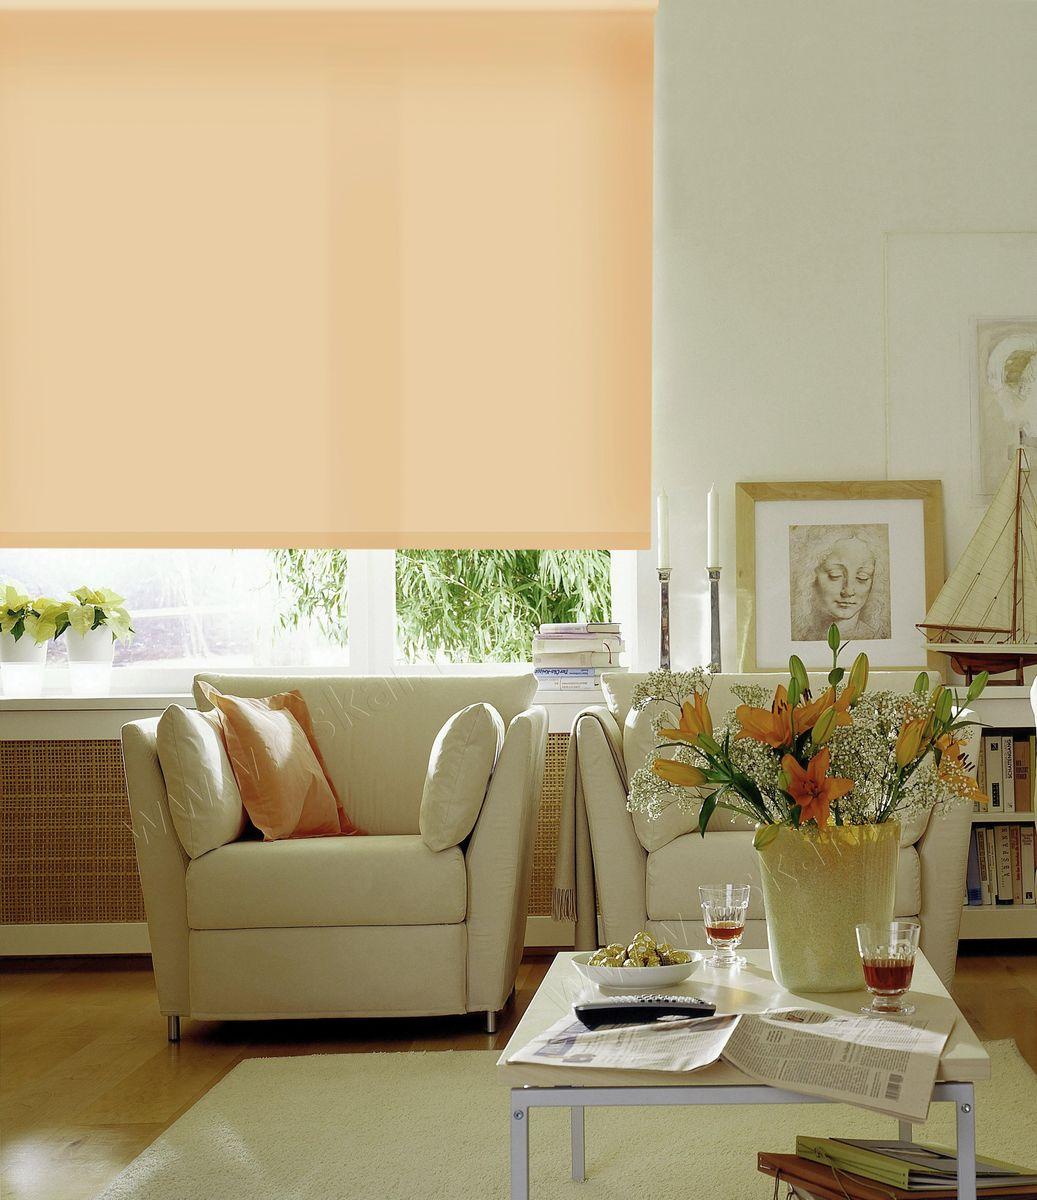 Штора рулонная Эскар, цвет: светло-абрикосовый, ширина 140 см, высота 170 см81112140170Рулонными шторами можно оформлять окна как самостоятельно, так и использовать в комбинации с портьерами. Это поможет предотвратить выгорание дорогой ткани на солнце и соединит функционал рулонных с красотой навесных. Преимущества применения рулонных штор для пластиковых окон: - имеют прекрасный внешний вид: многообразие и фактурность материала изделия отлично смотрятся в любом интерьере; - многофункциональны: есть возможность подобрать шторы способные эффективно защитить комнату от солнца, при этом о на не будет слишком темной. - Есть возможность осуществить быстрый монтаж. ВНИМАНИЕ! Размеры ширины изделия указаны по ширине ткани! Во время эксплуатации не рекомендуется полностью разматывать рулон, чтобы не оторвать ткань от намоточного вала. В случае загрязнения поверхности ткани, чистку шторы проводят одним из способов, в зависимости от типа загрязнения: легкое поверхностное загрязнение можно удалить при помощи...